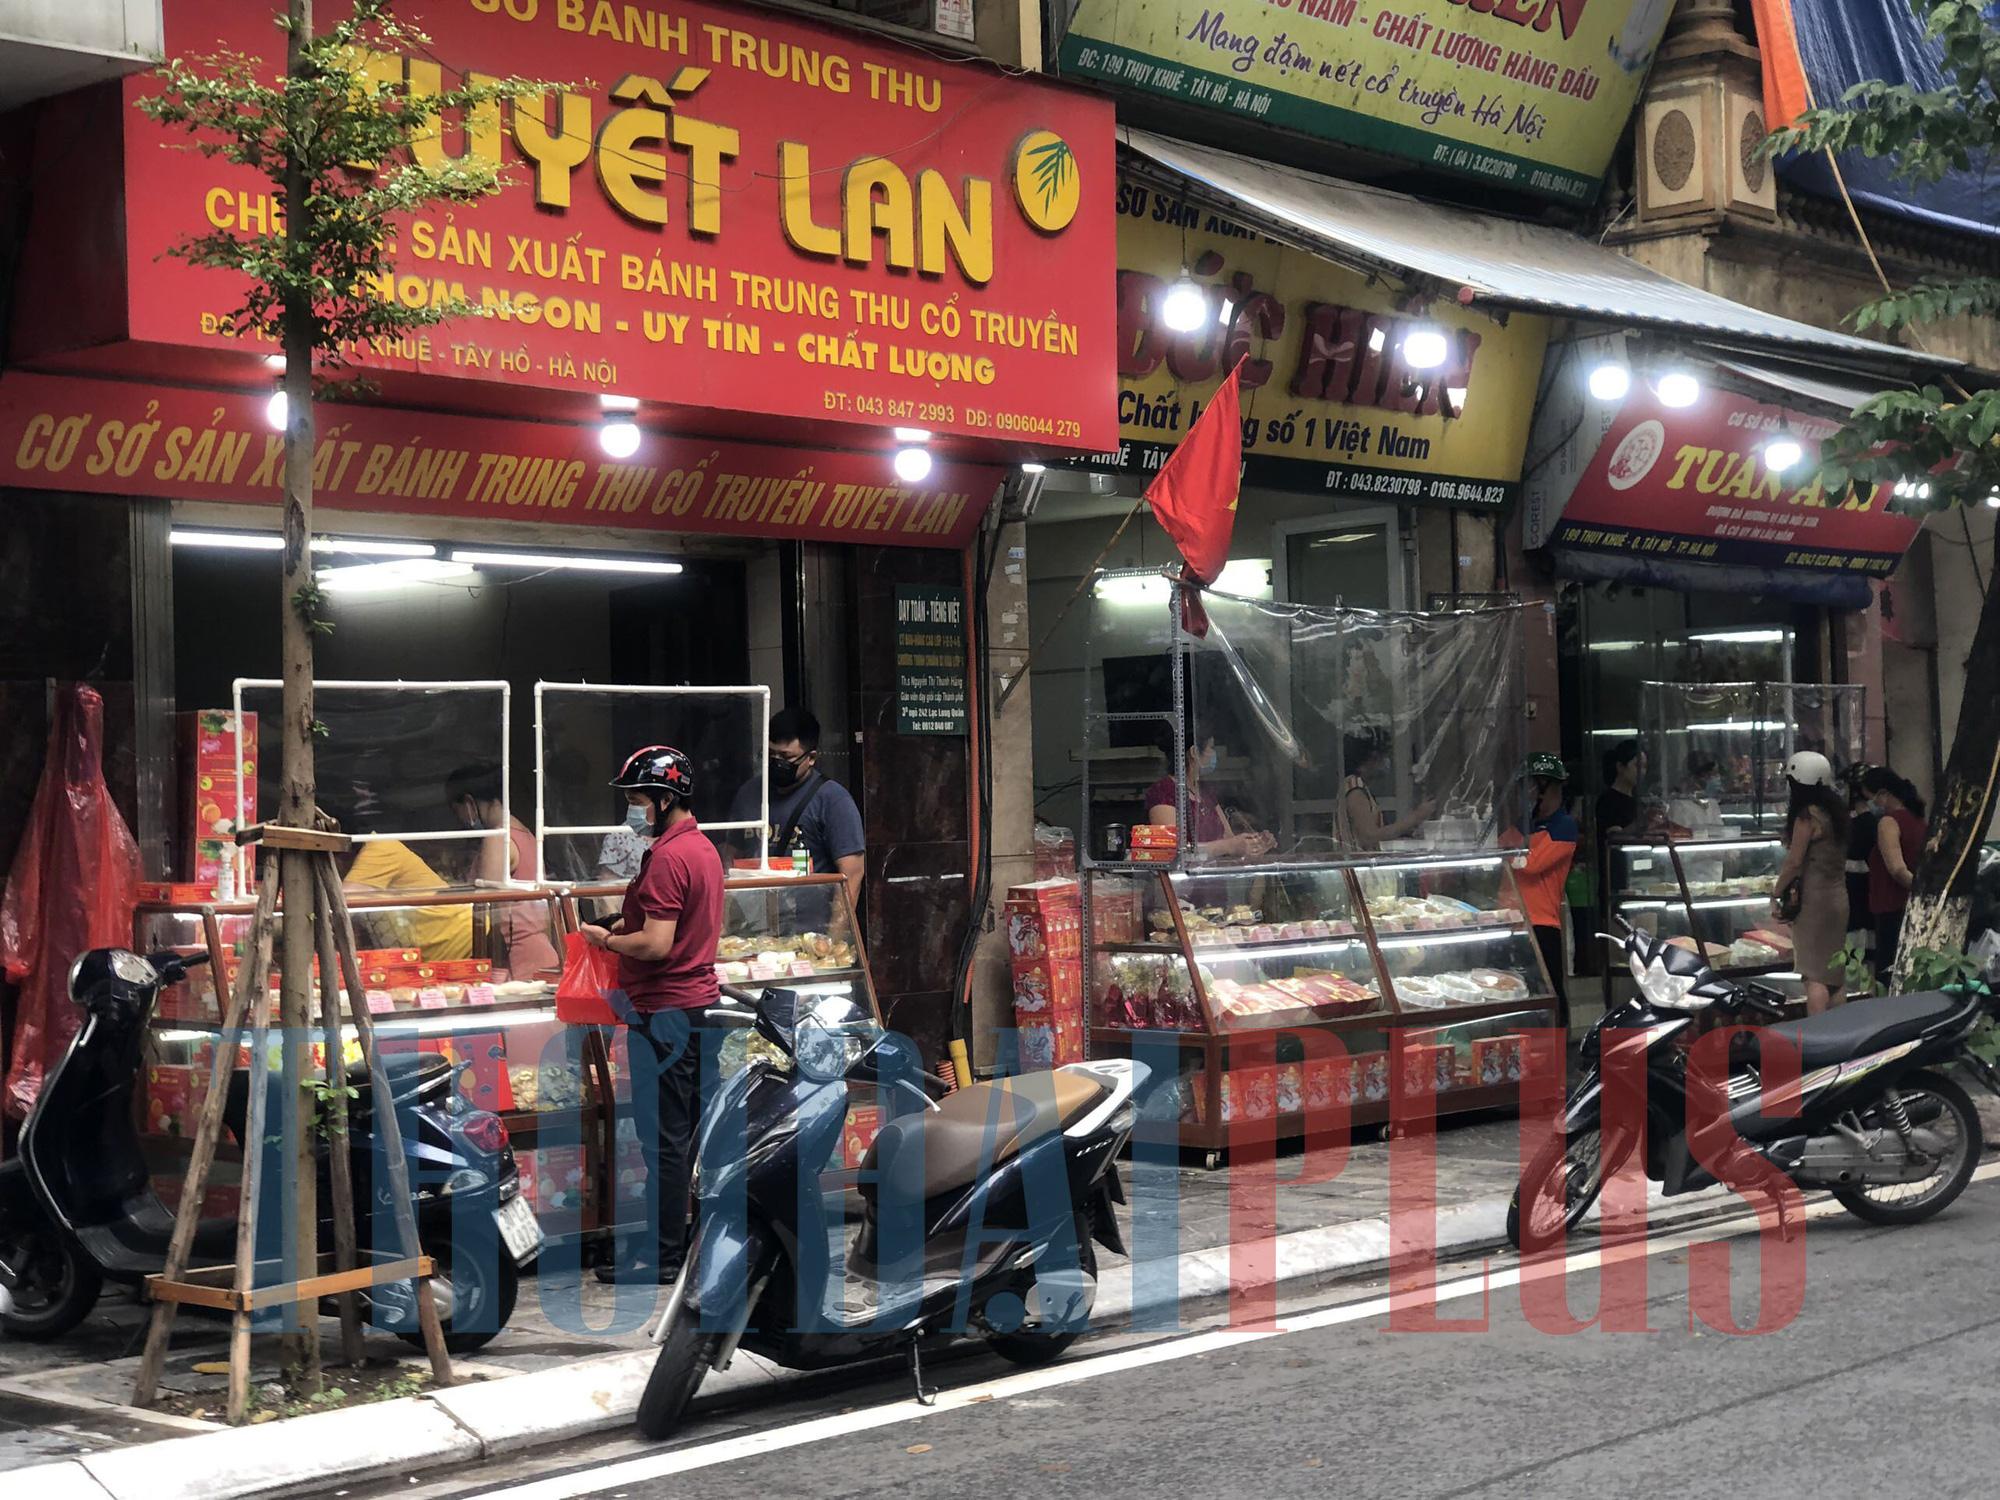 Để khách xếp hàng tấp nập, cửa hàng bánh trung thu Bảo Phương bị đóng cửa - Ảnh 7.